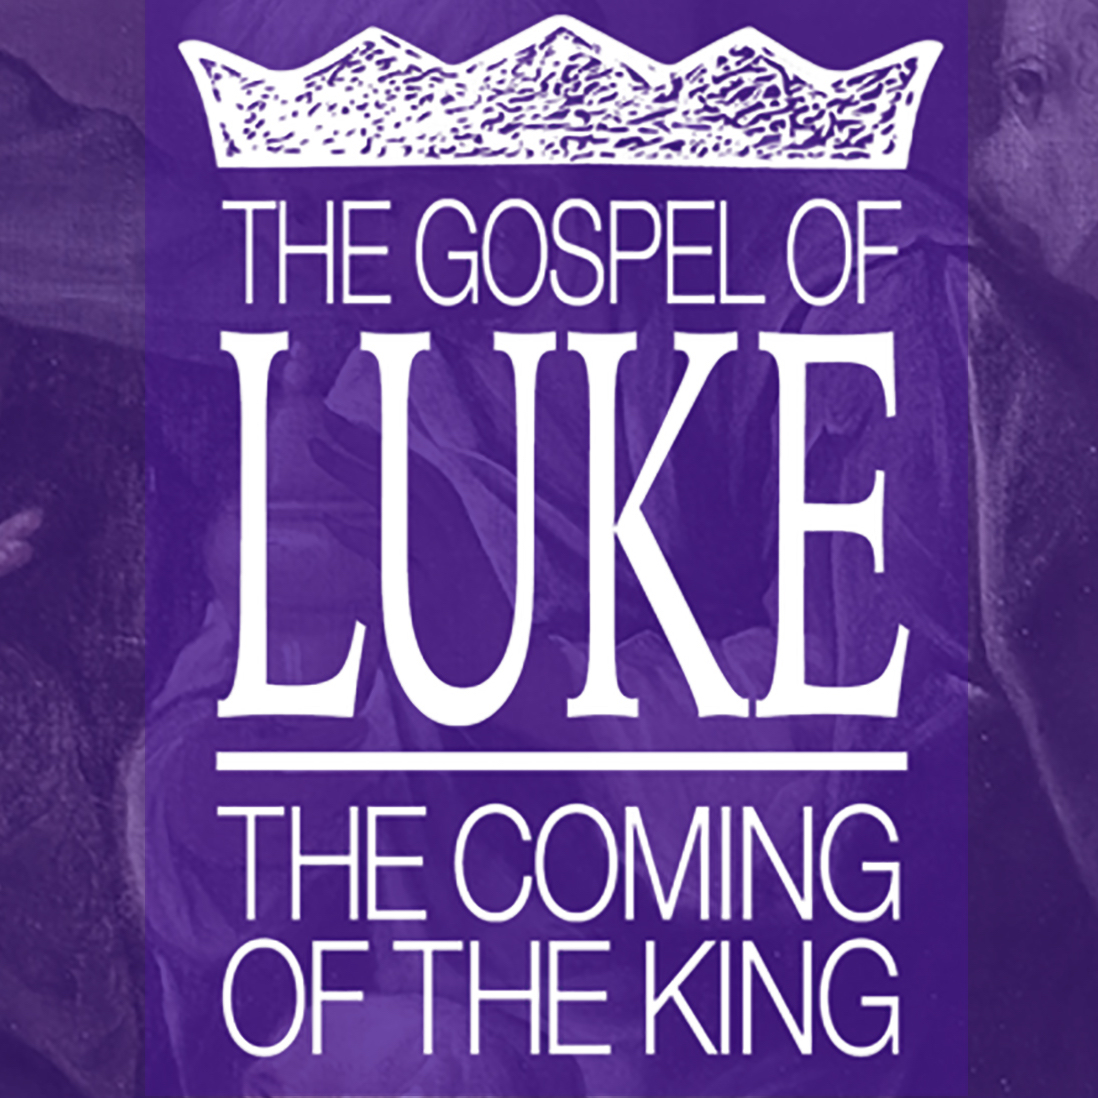 18-luke-coming-of-the-king.jpg